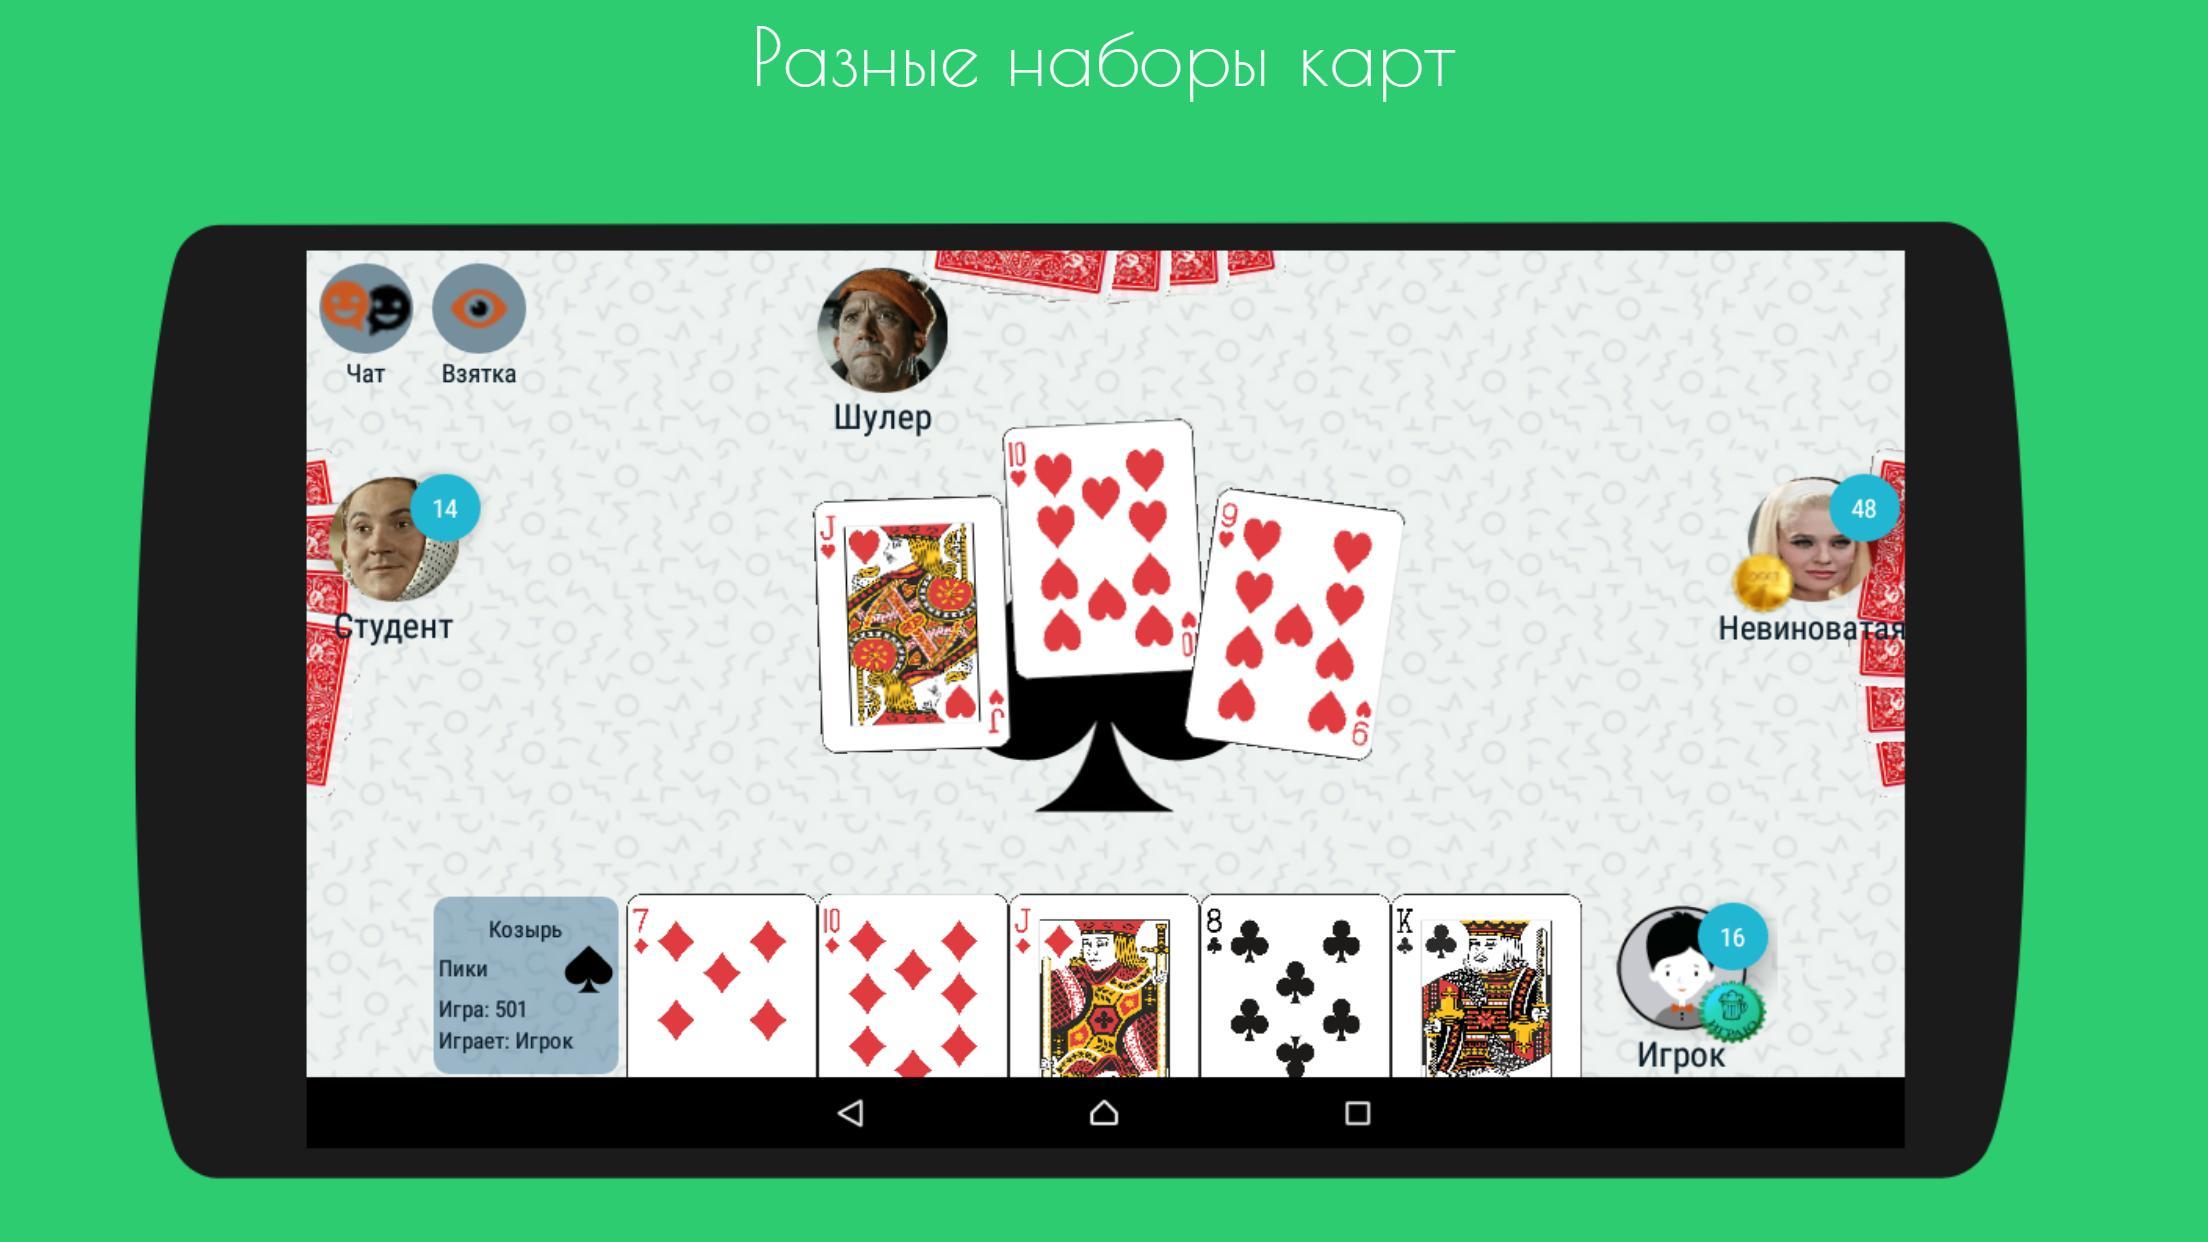 карточные игры онлайн деберц